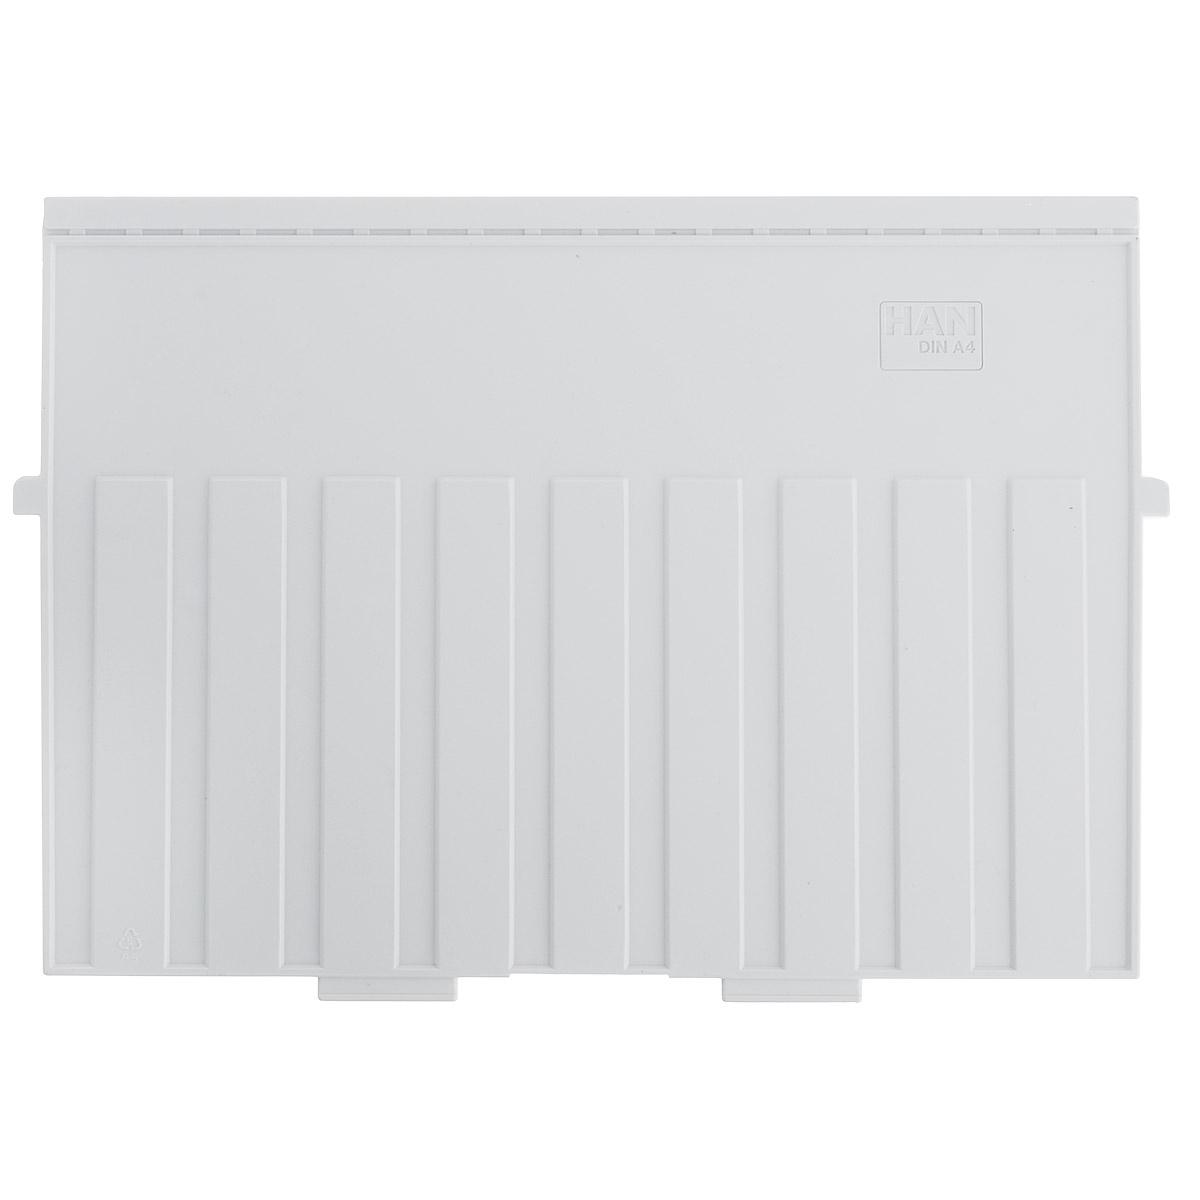 Разделитель для горизонтальной картотеки Han, цвет: серый. Формат А4AC-1121RDРазделитель для картотеки Han изготовлен из пластика серого цвета. Предназначен для горизонтальных картотек HAN. Имеется специальное поле для установки индексного окна (сверху).